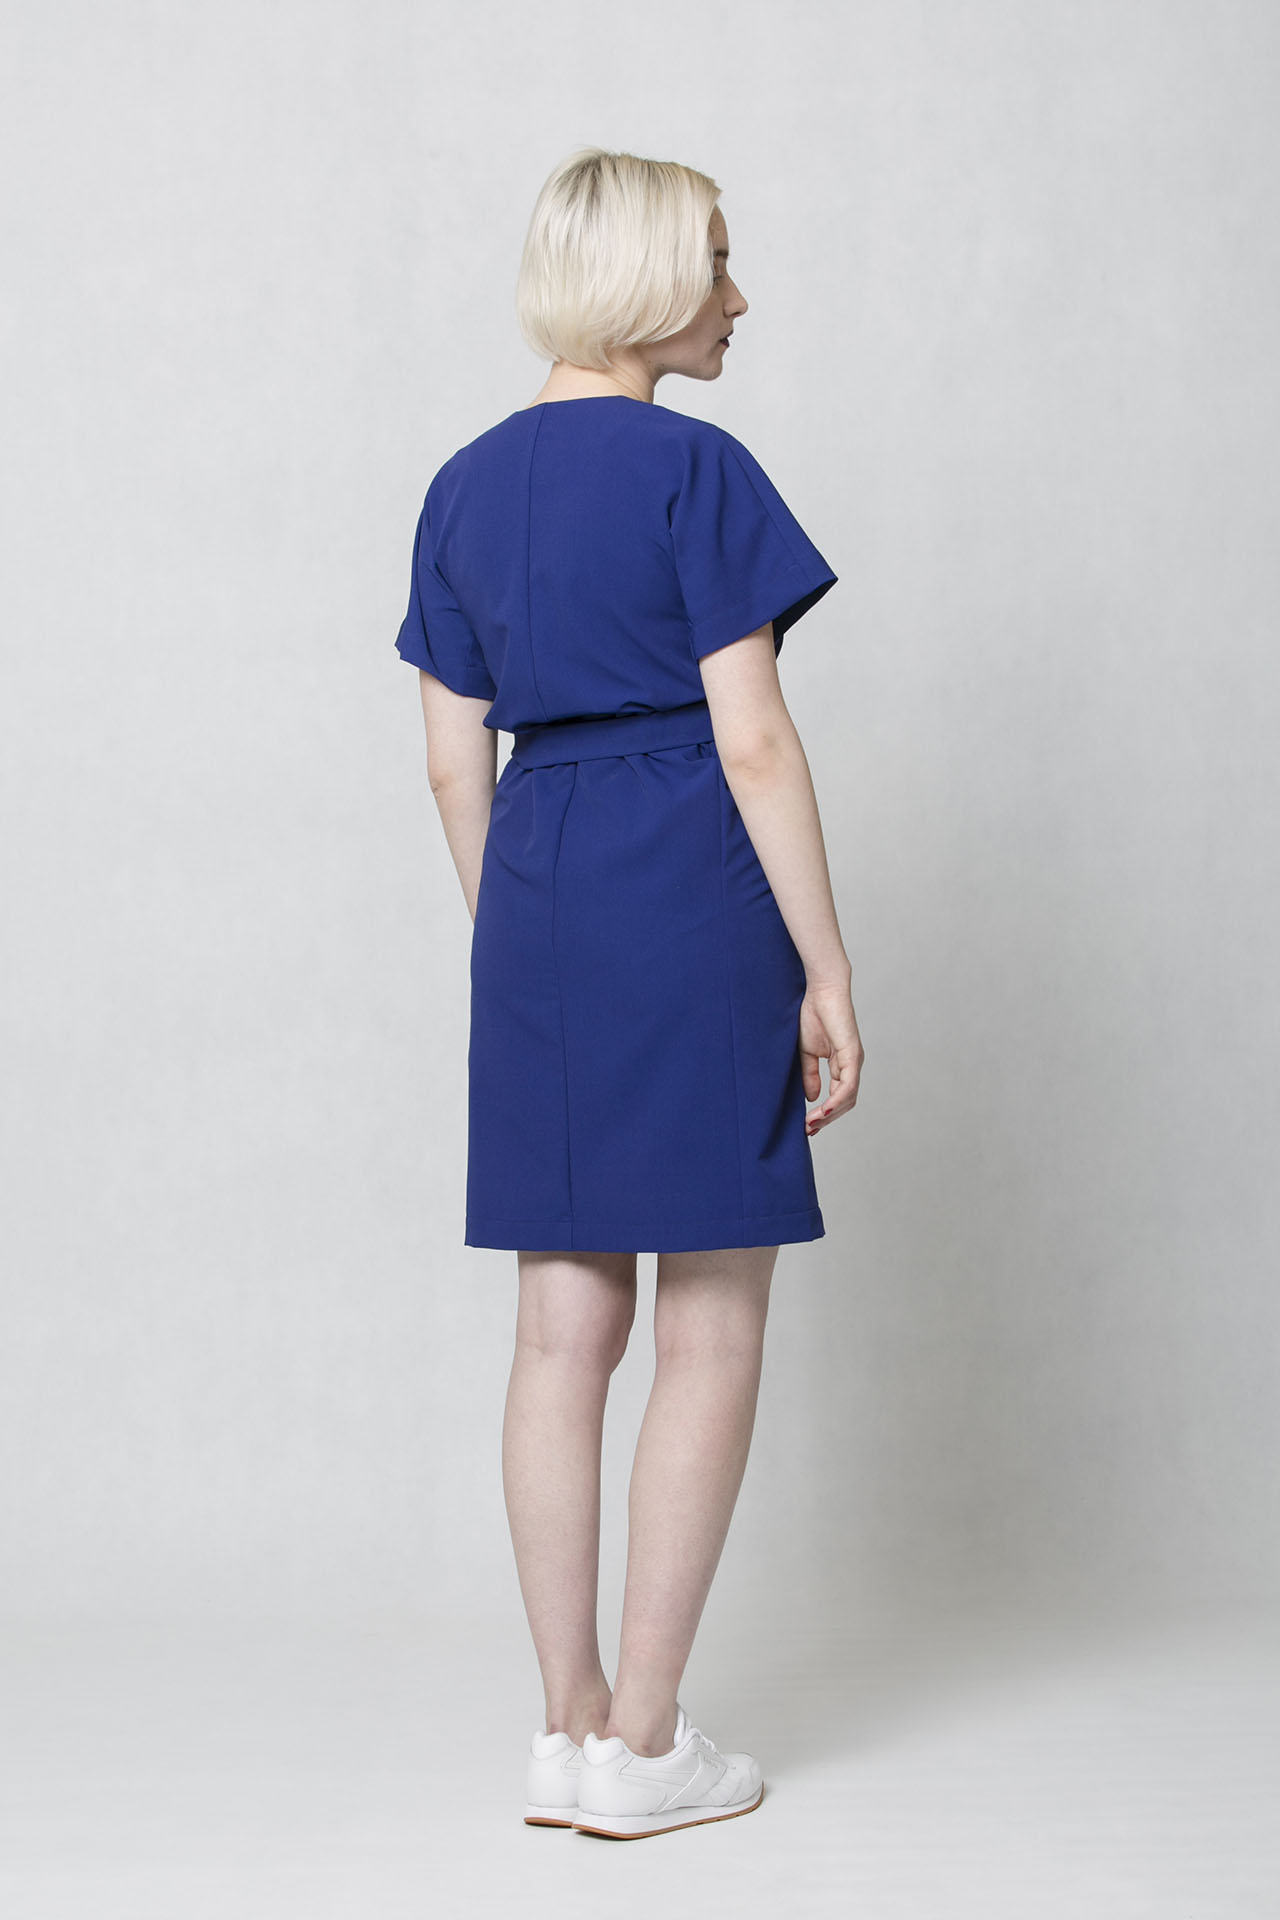 2aa1b4f27809 Společenské šaty modré barvě Oneday s decentním V výstřihem